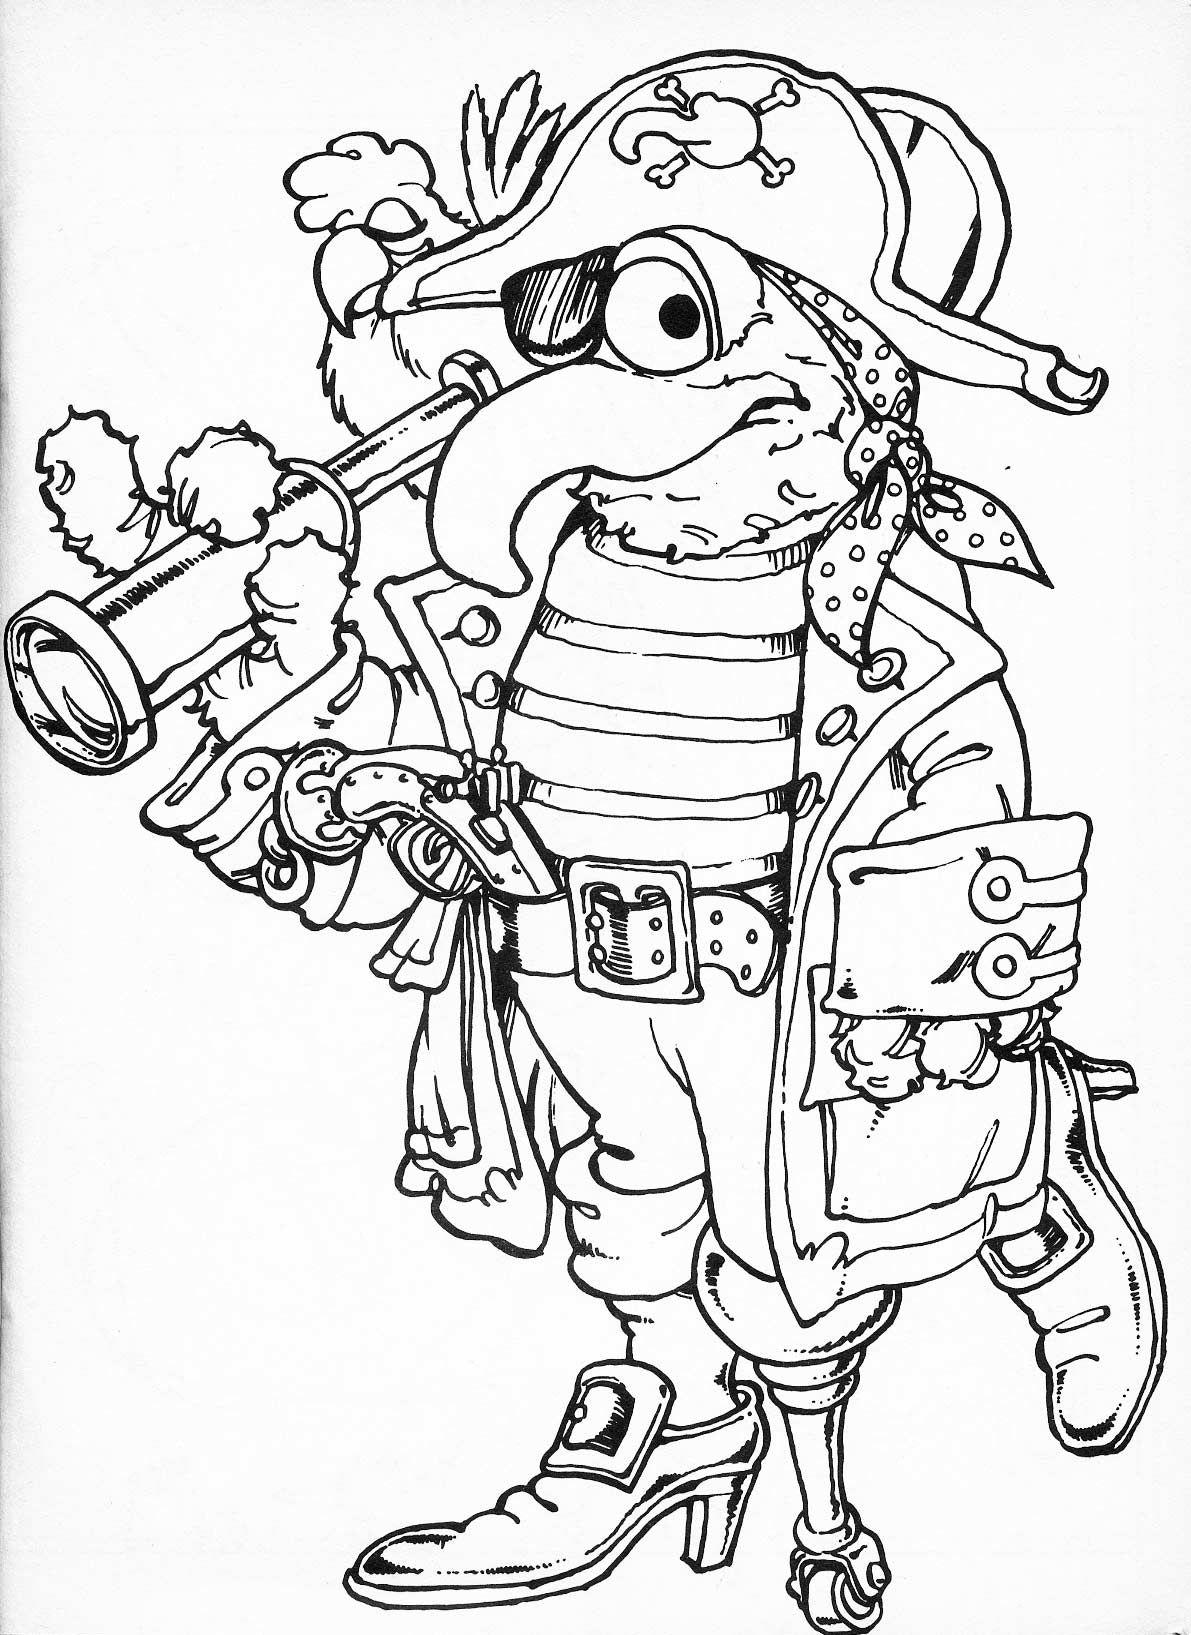 muppets coloring pages - Google zoeken | Overtrekken / stencils ...